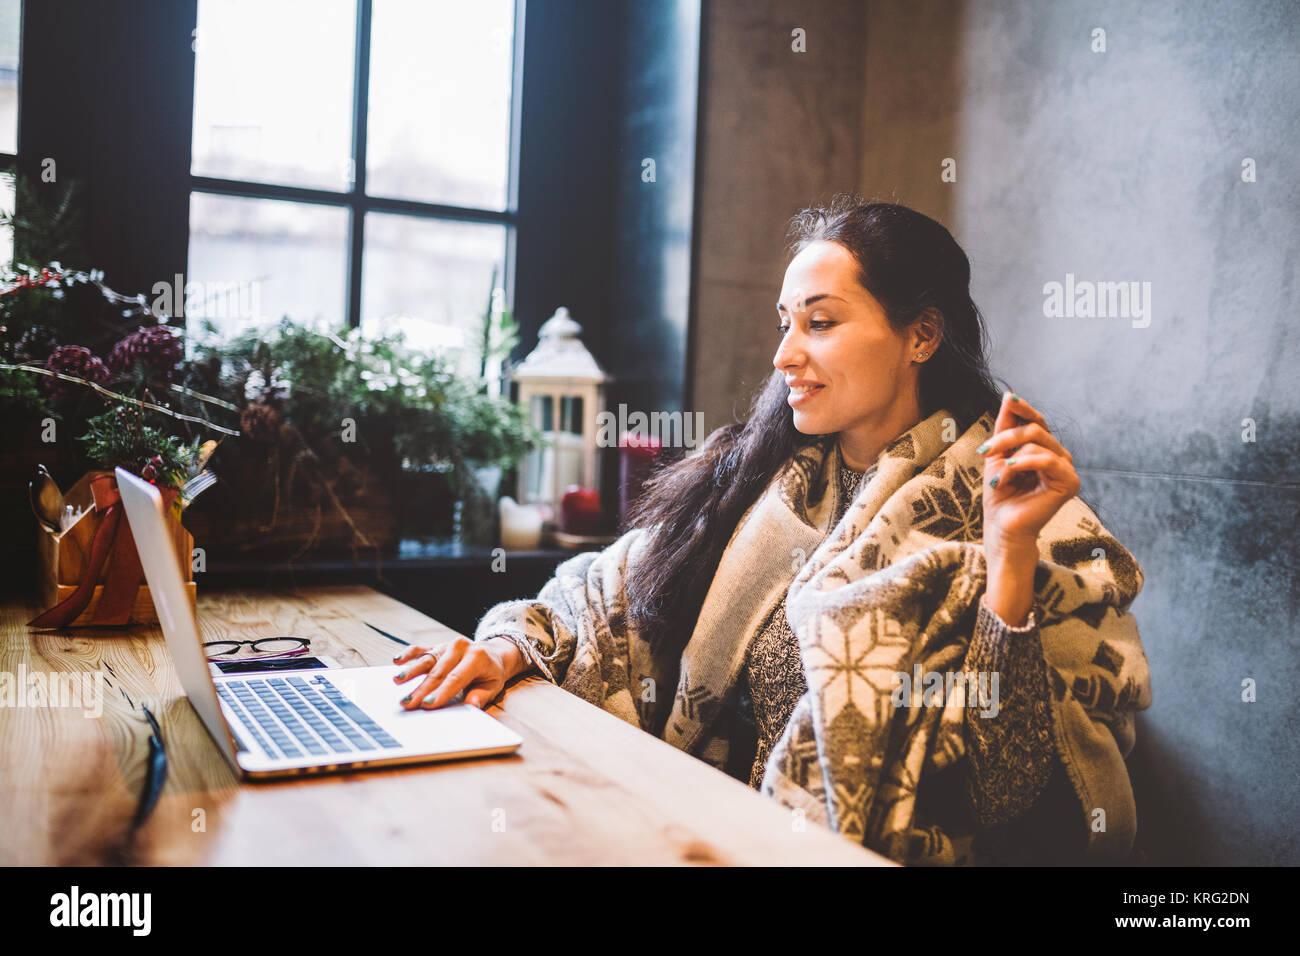 Bella ragazza giovane utilizza la tecnologia portatile, testo tipi guardando il monitor in un caffè dalla finestra Immagini Stock